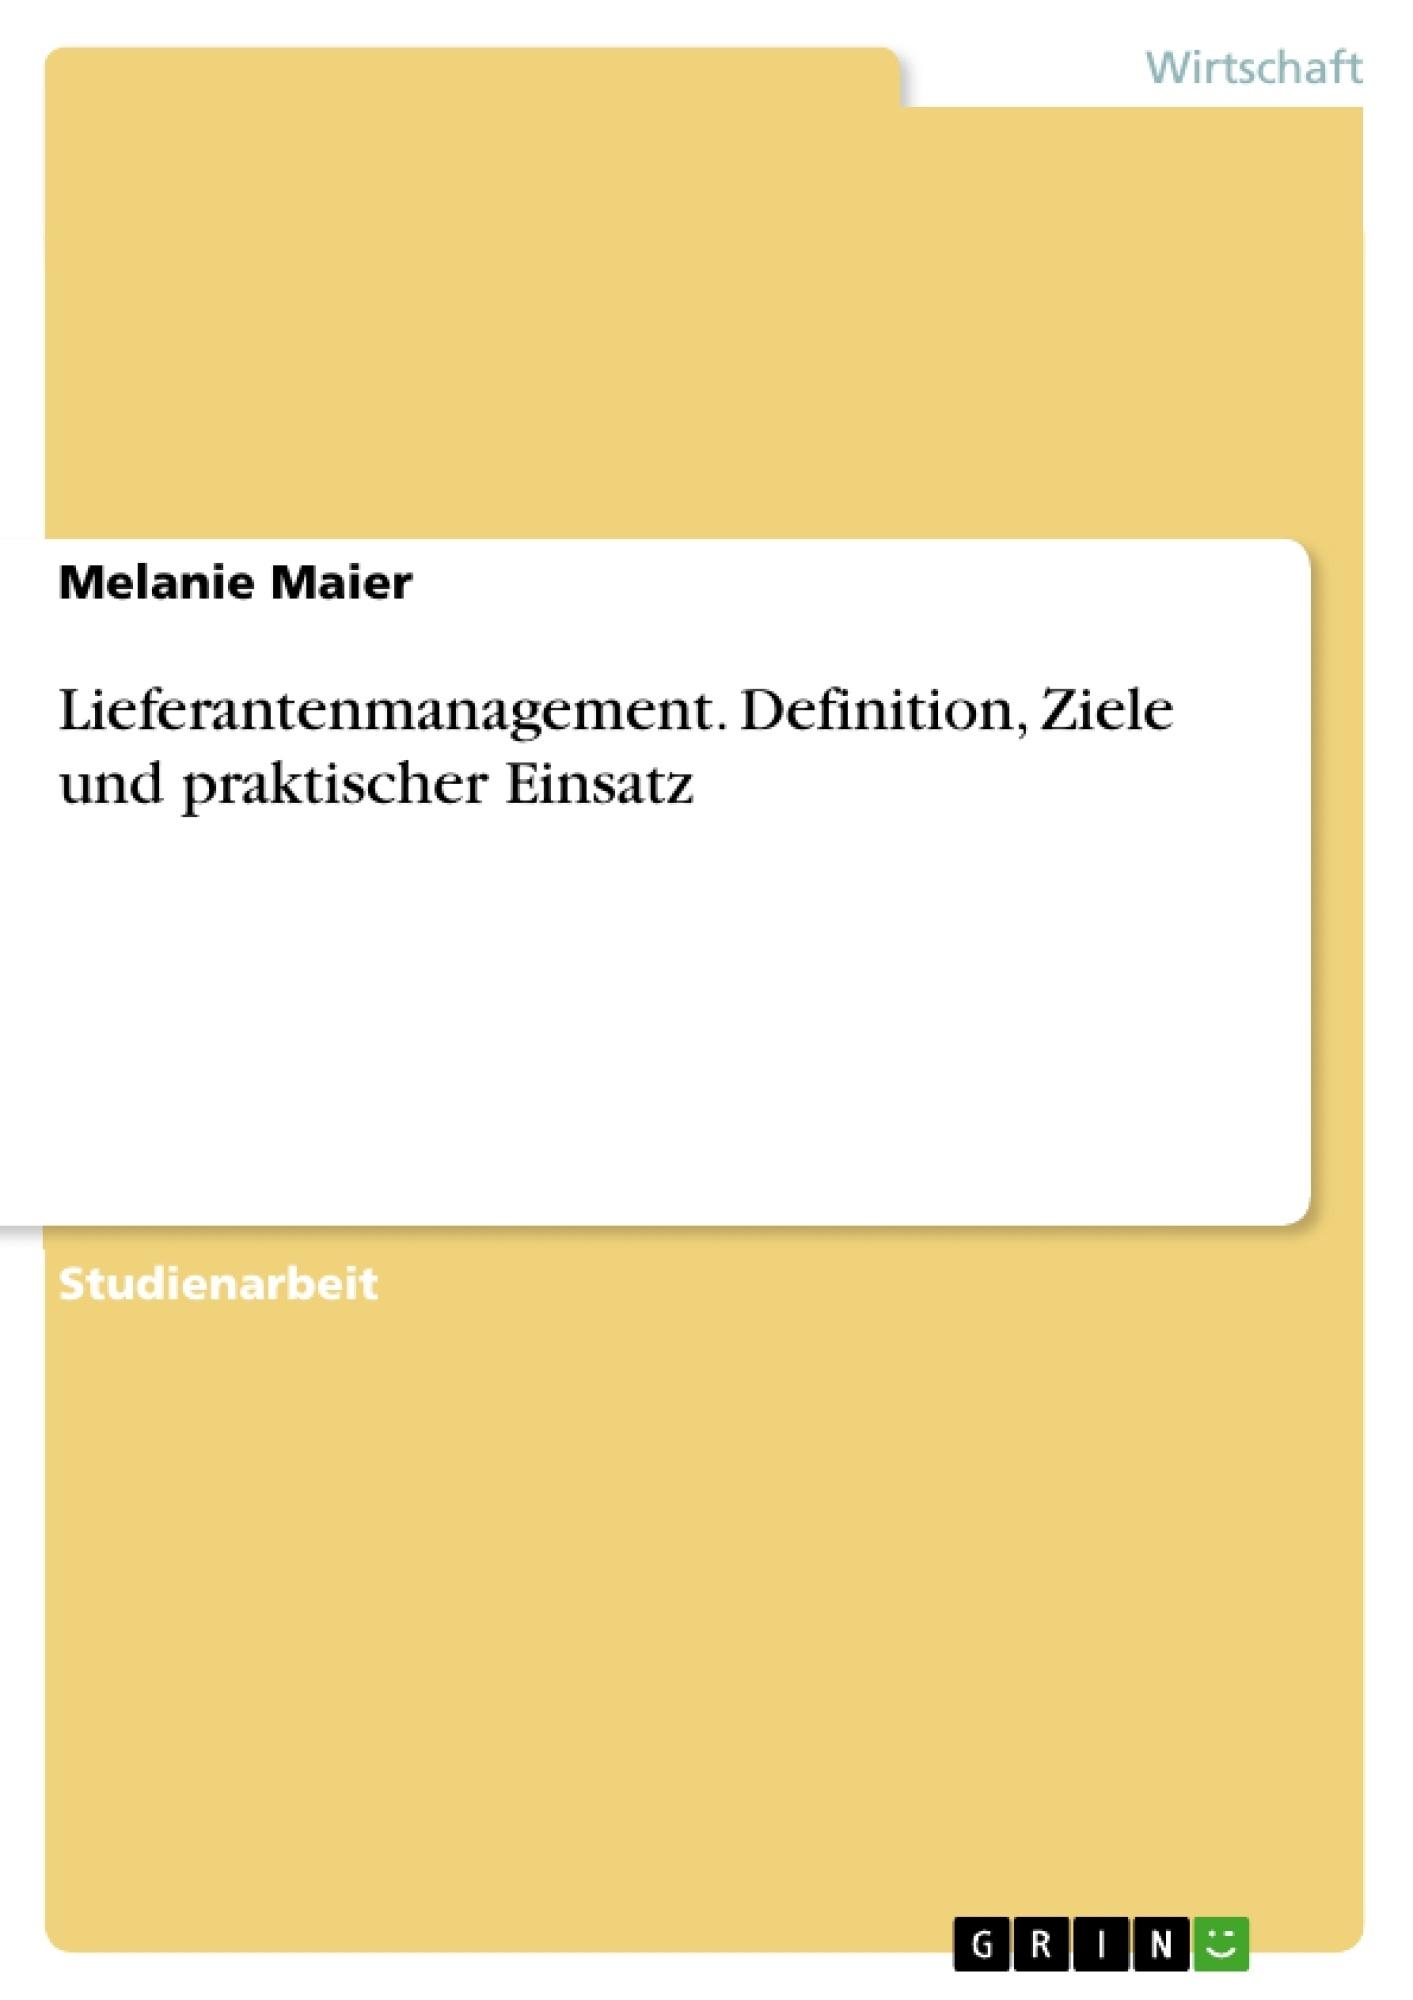 Titel: Lieferantenmanagement. Definition, Ziele und praktischer Einsatz